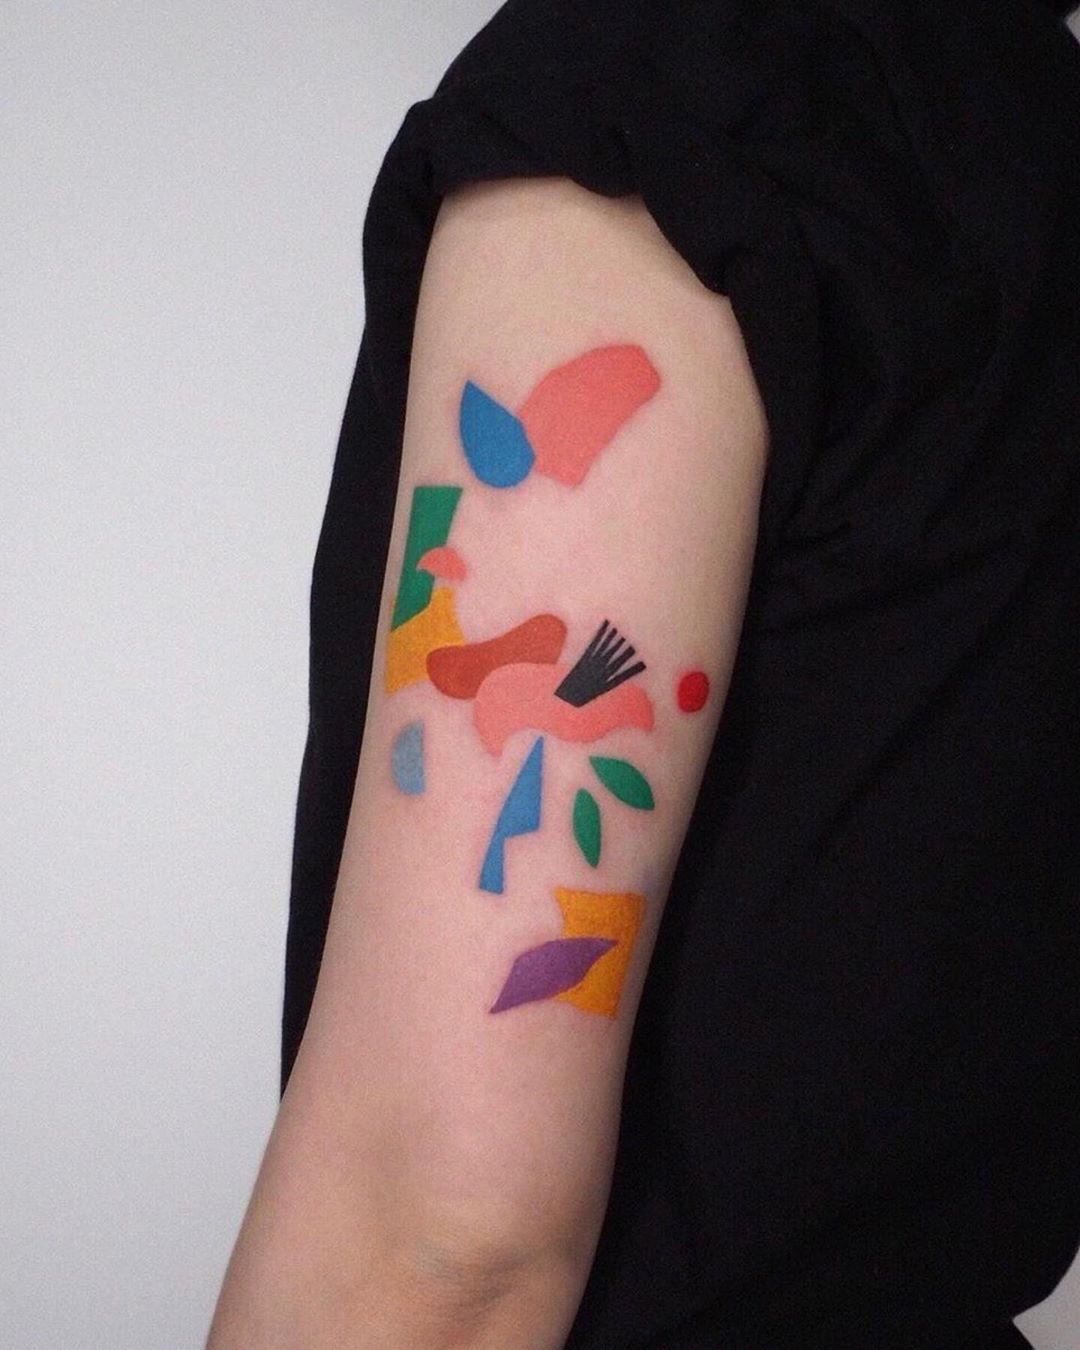 tattrx instagram tattoo abstracto